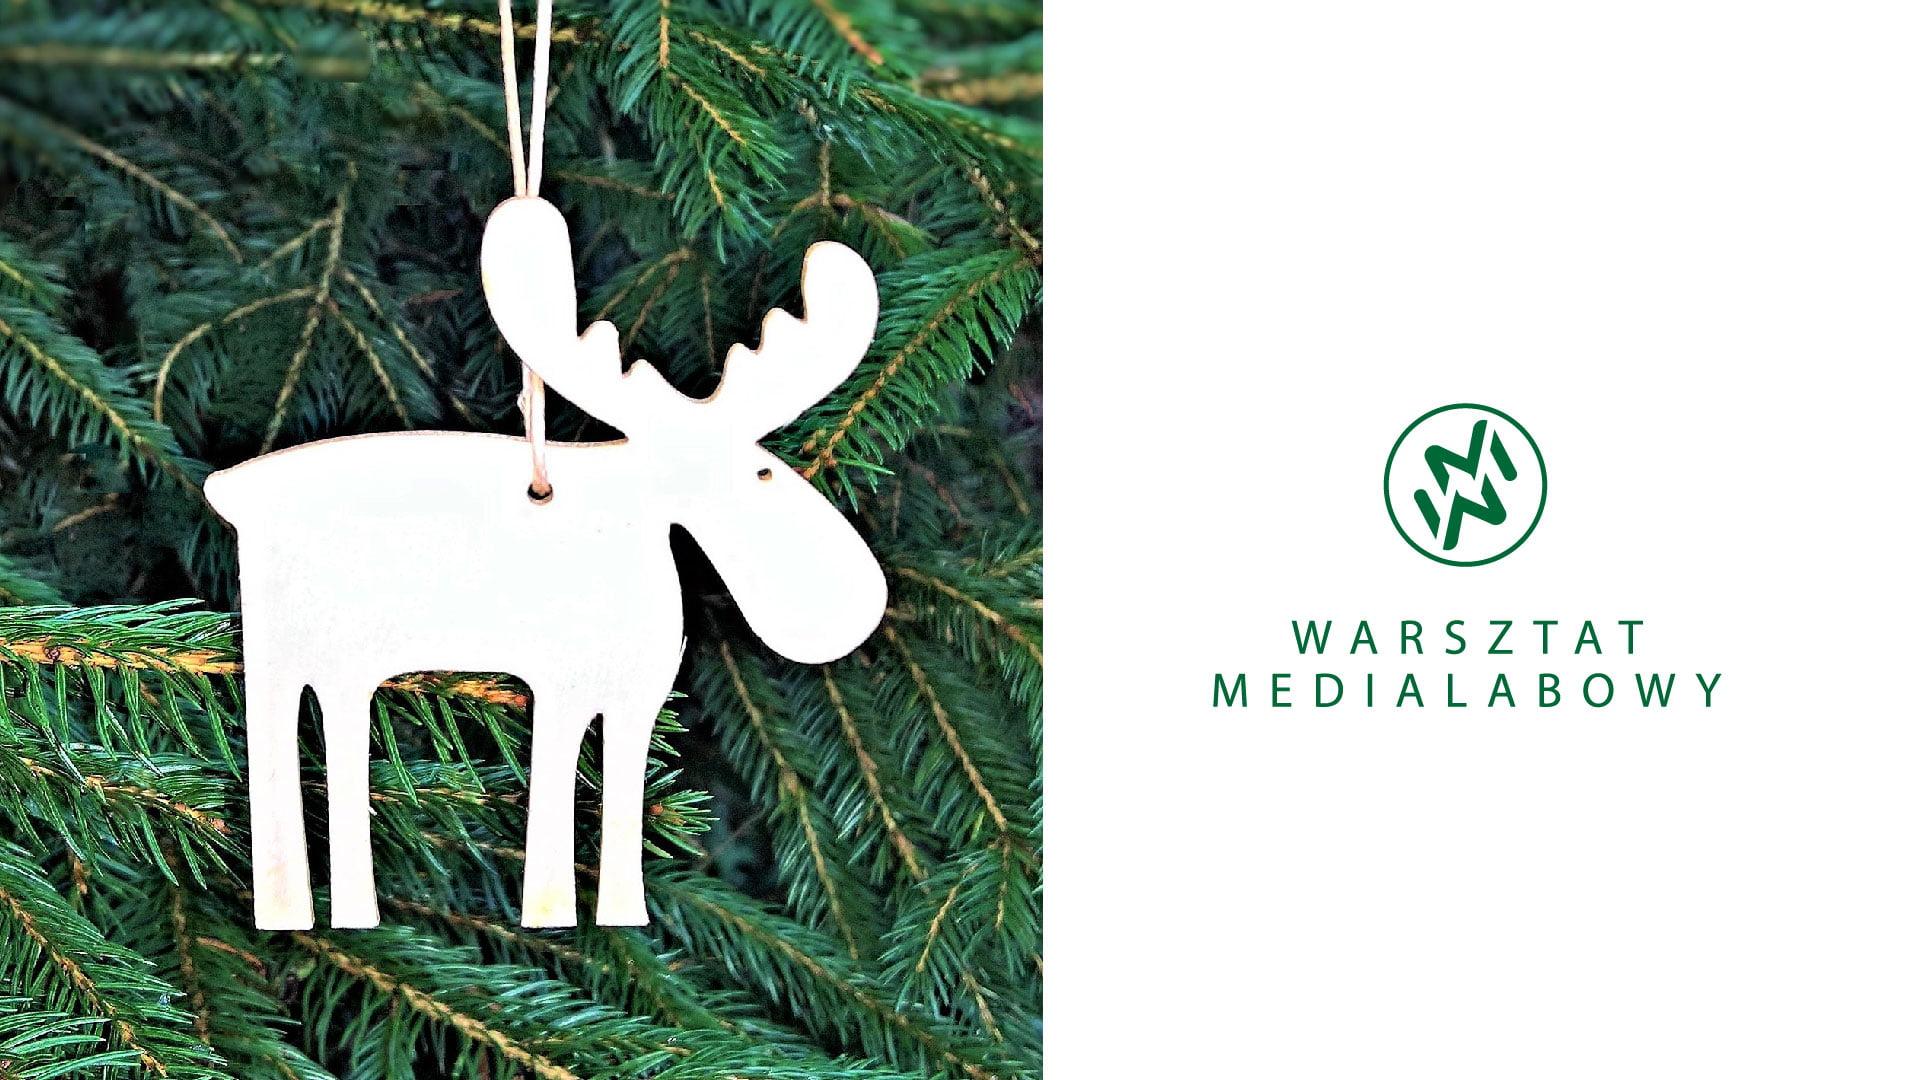 Zdjęcie przedstawia drewnianą ozdobę świąteczną.